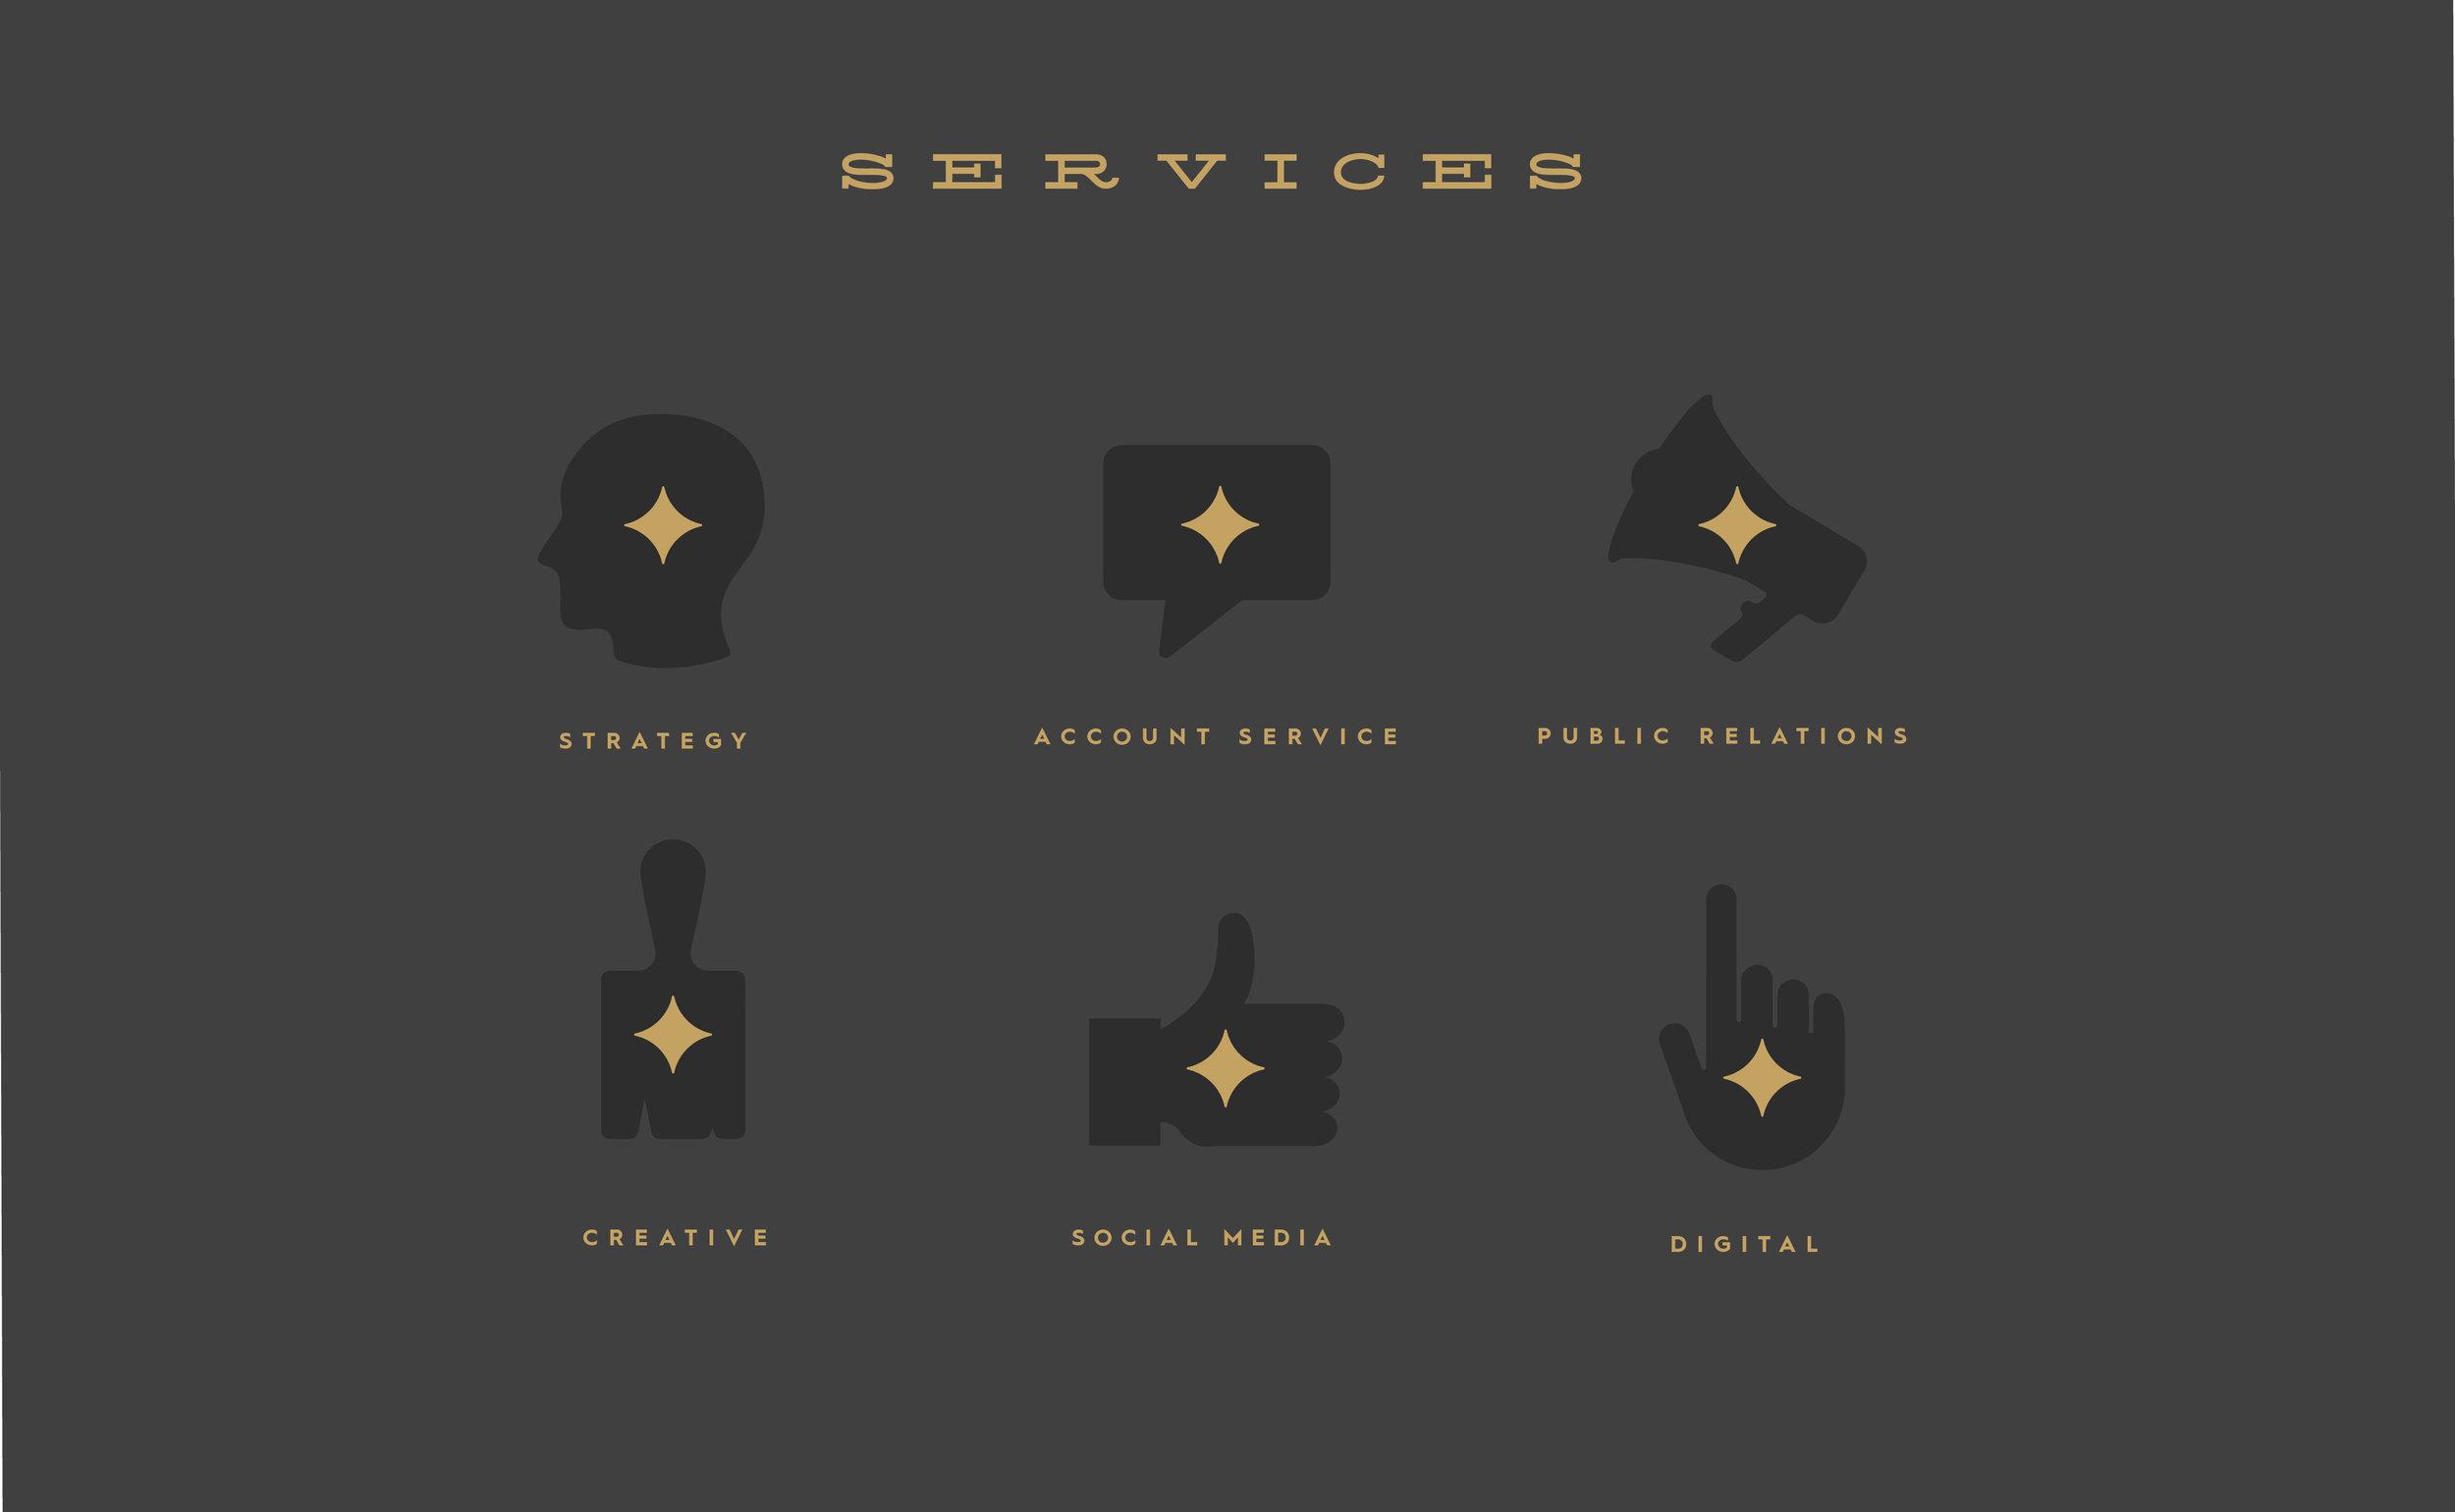 HIE_Services-01.jpg